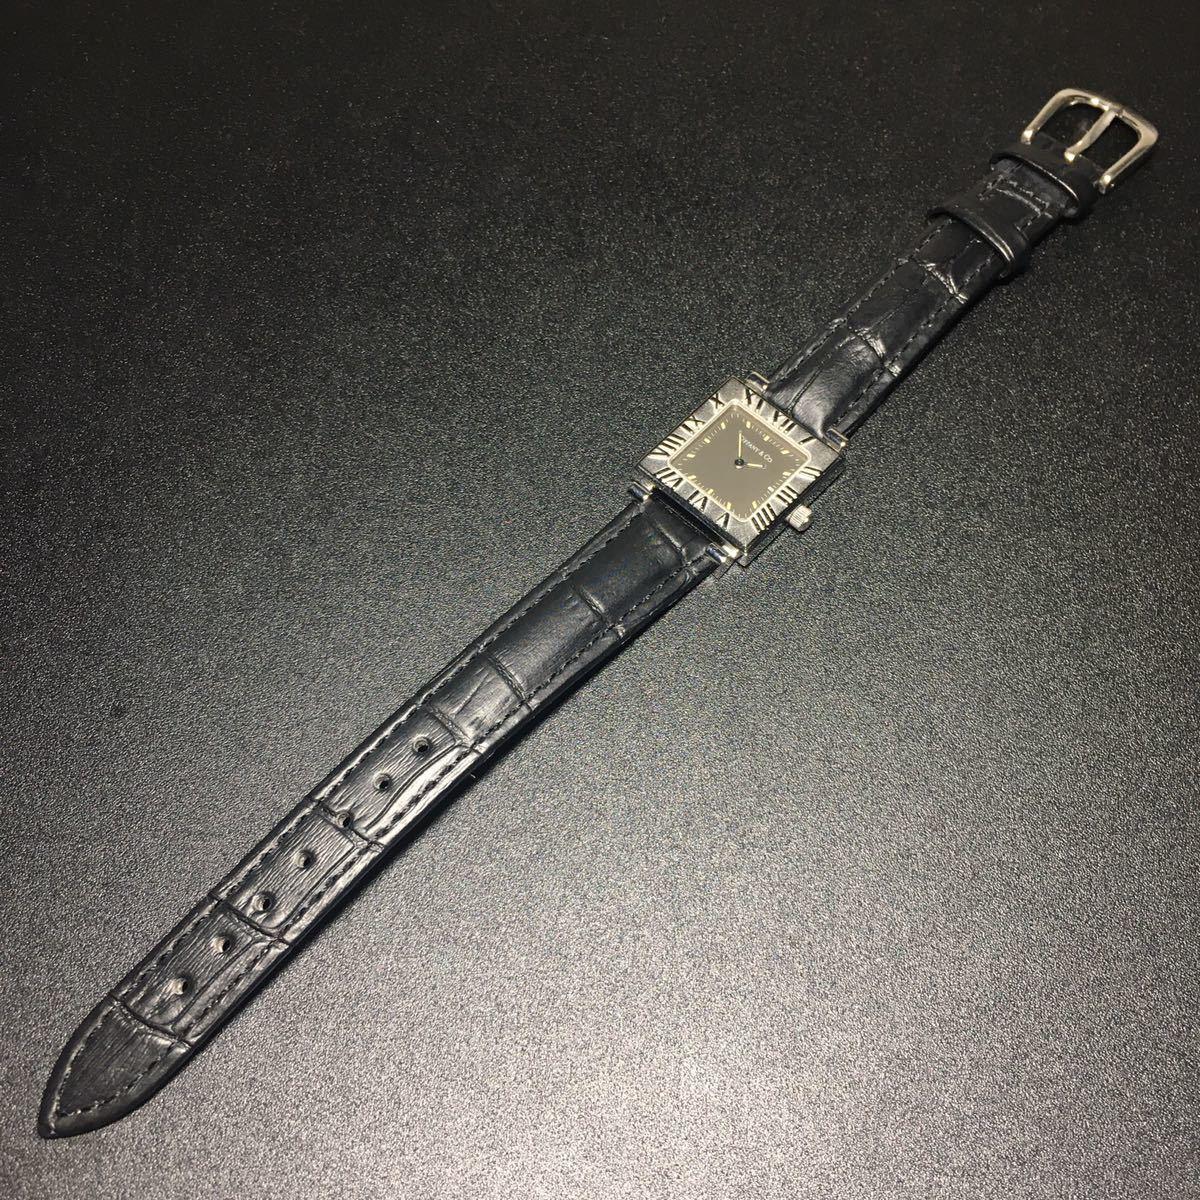 【美品 正規品】ティファニー 腕時計 アトラス スクエア レディース 可動品 時計 TIFFANY クオーツ 【2006Ti10】_画像8